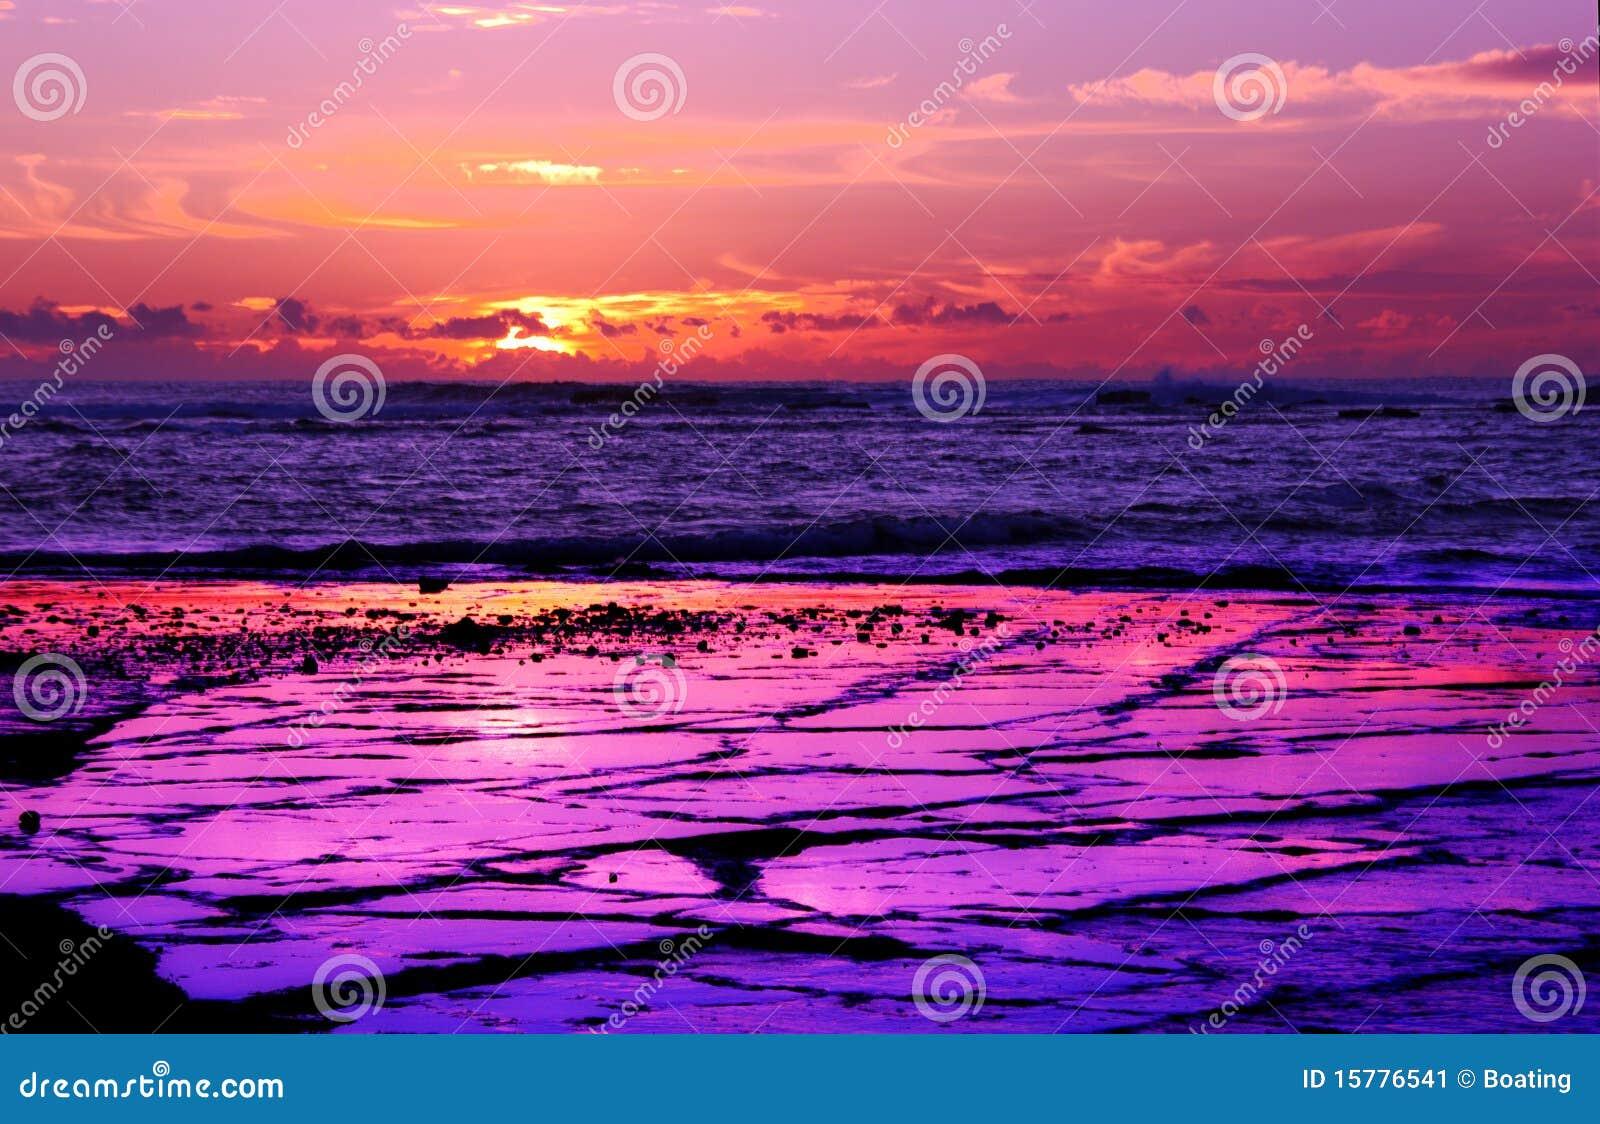 langer riff purpur sonnenaufgang stockbild bild 15776541. Black Bedroom Furniture Sets. Home Design Ideas